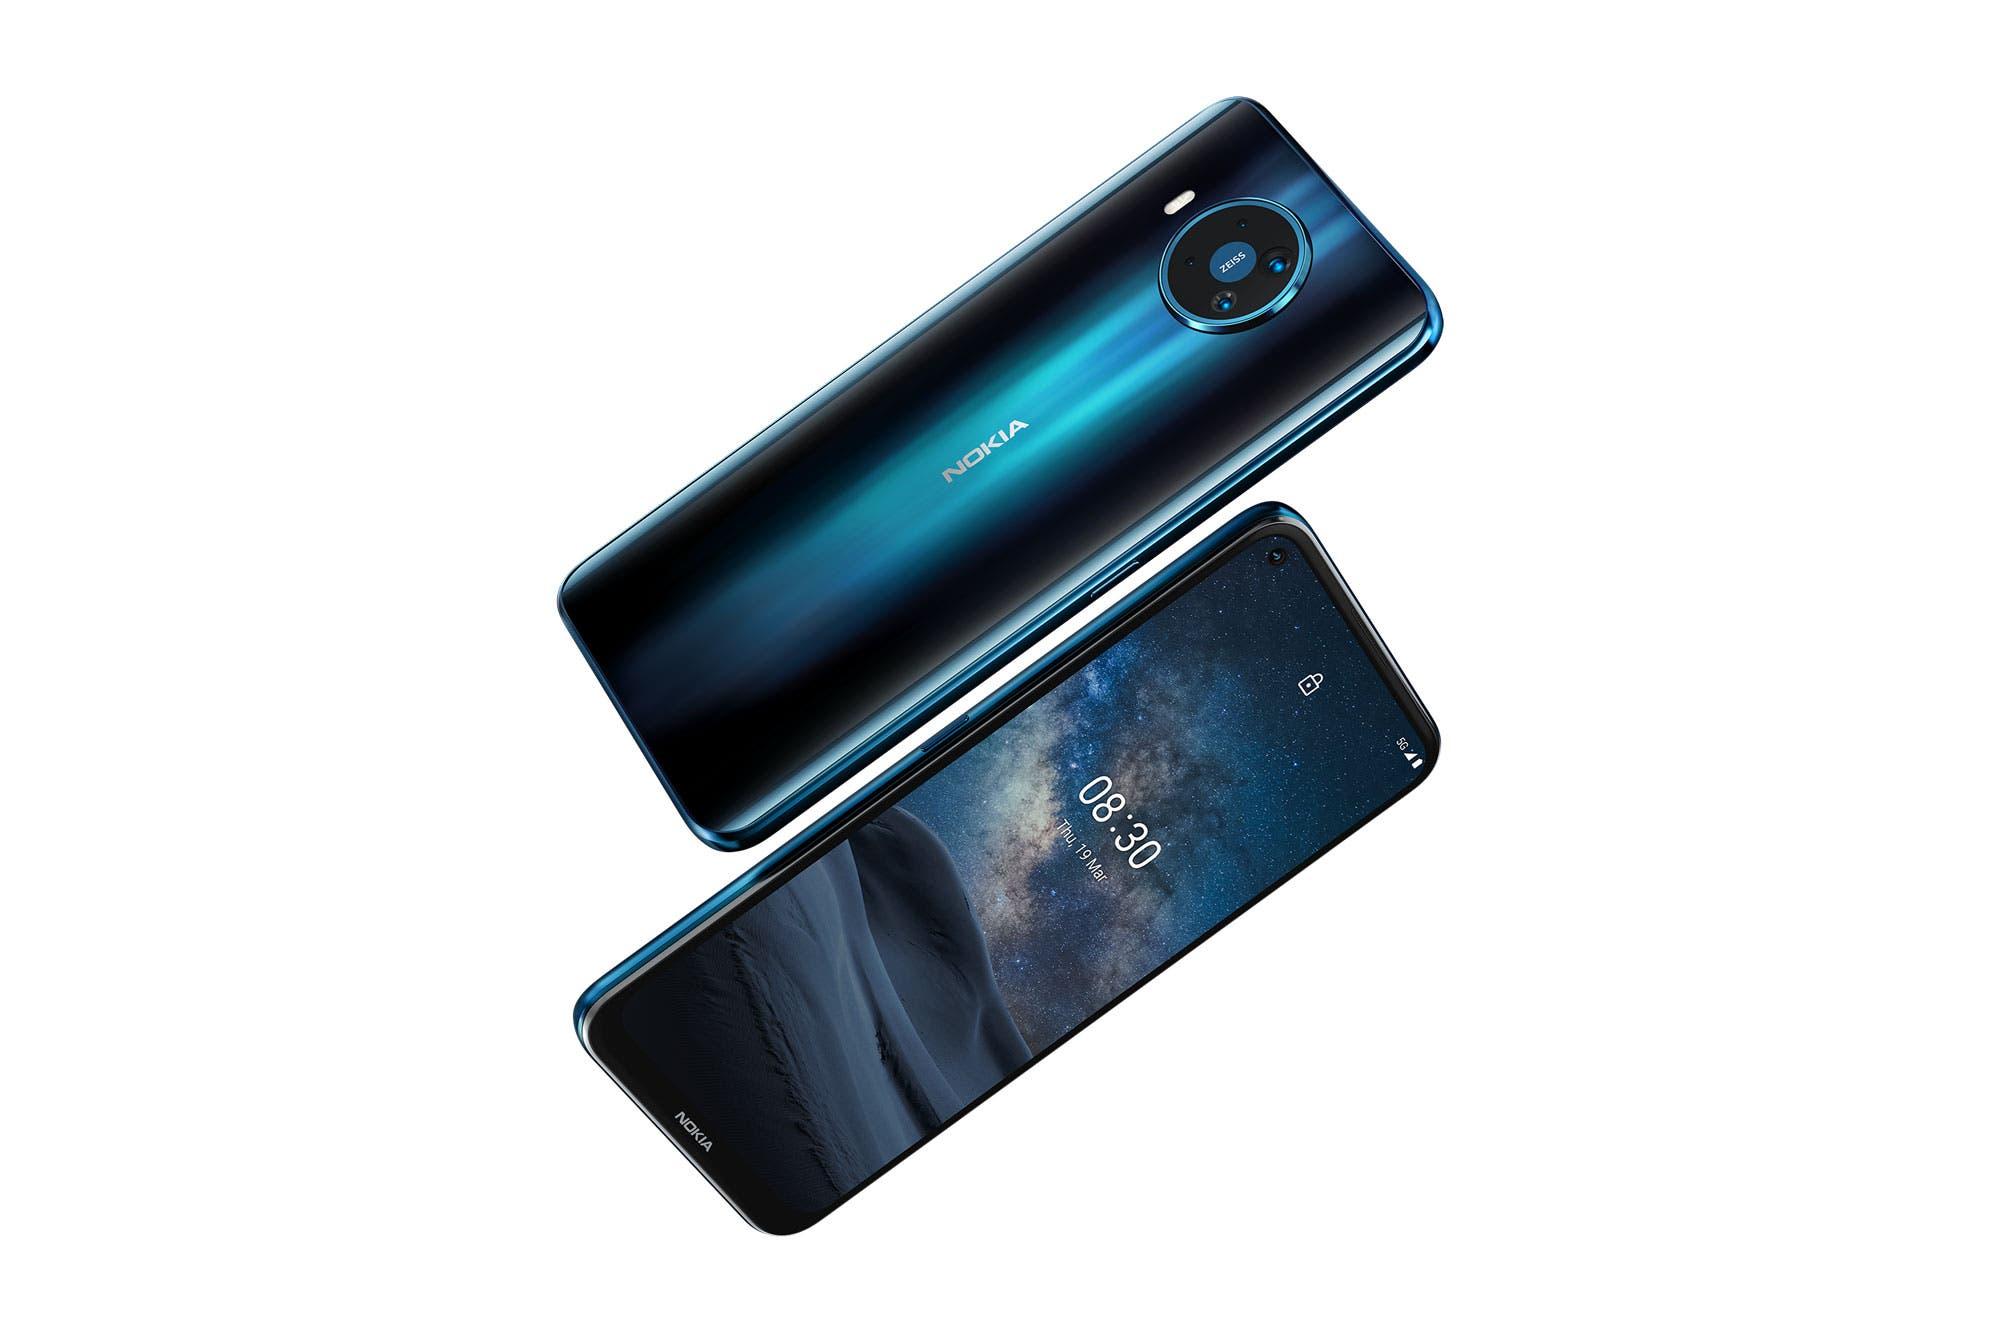 Nokia presentó su nueva línea de teléfonos con un modelo 5G y el regreso del clásico 5310